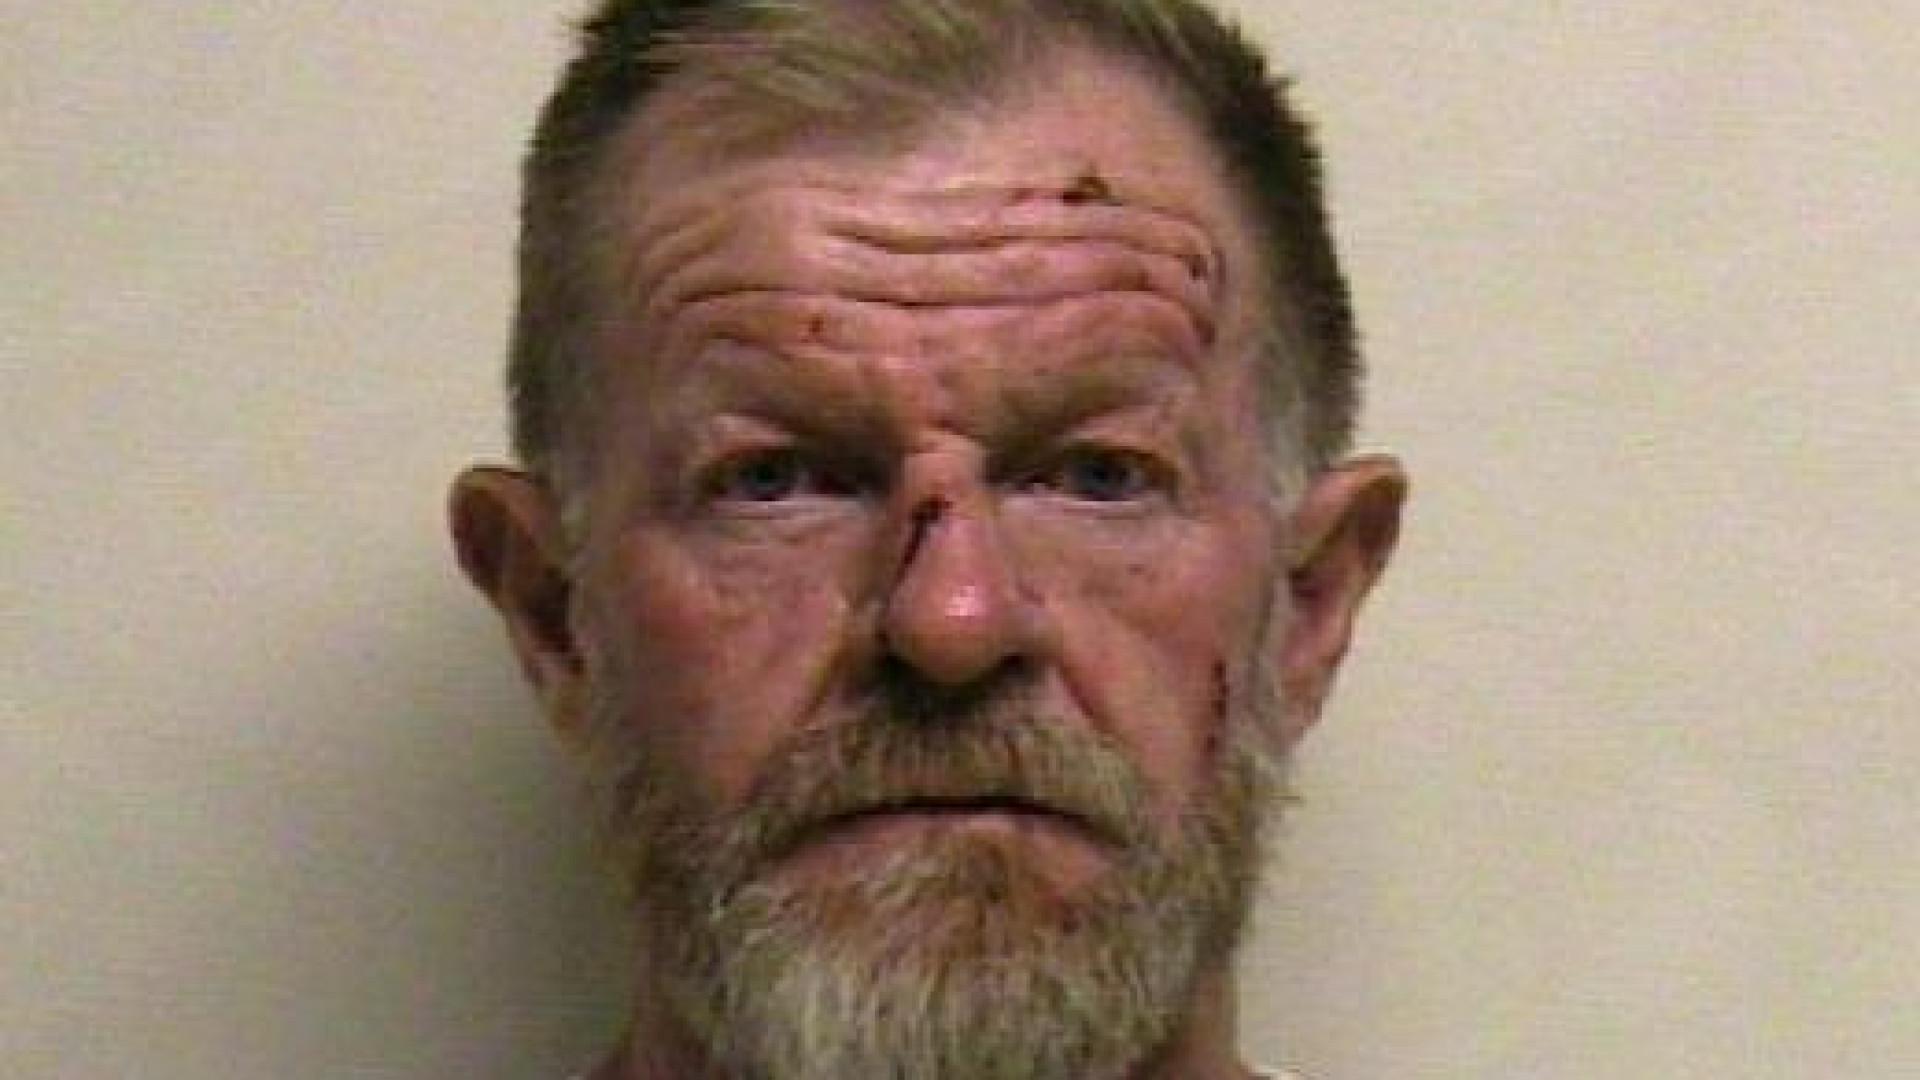 Horas após ser preso, homem despenhou avioneta contra própria casa